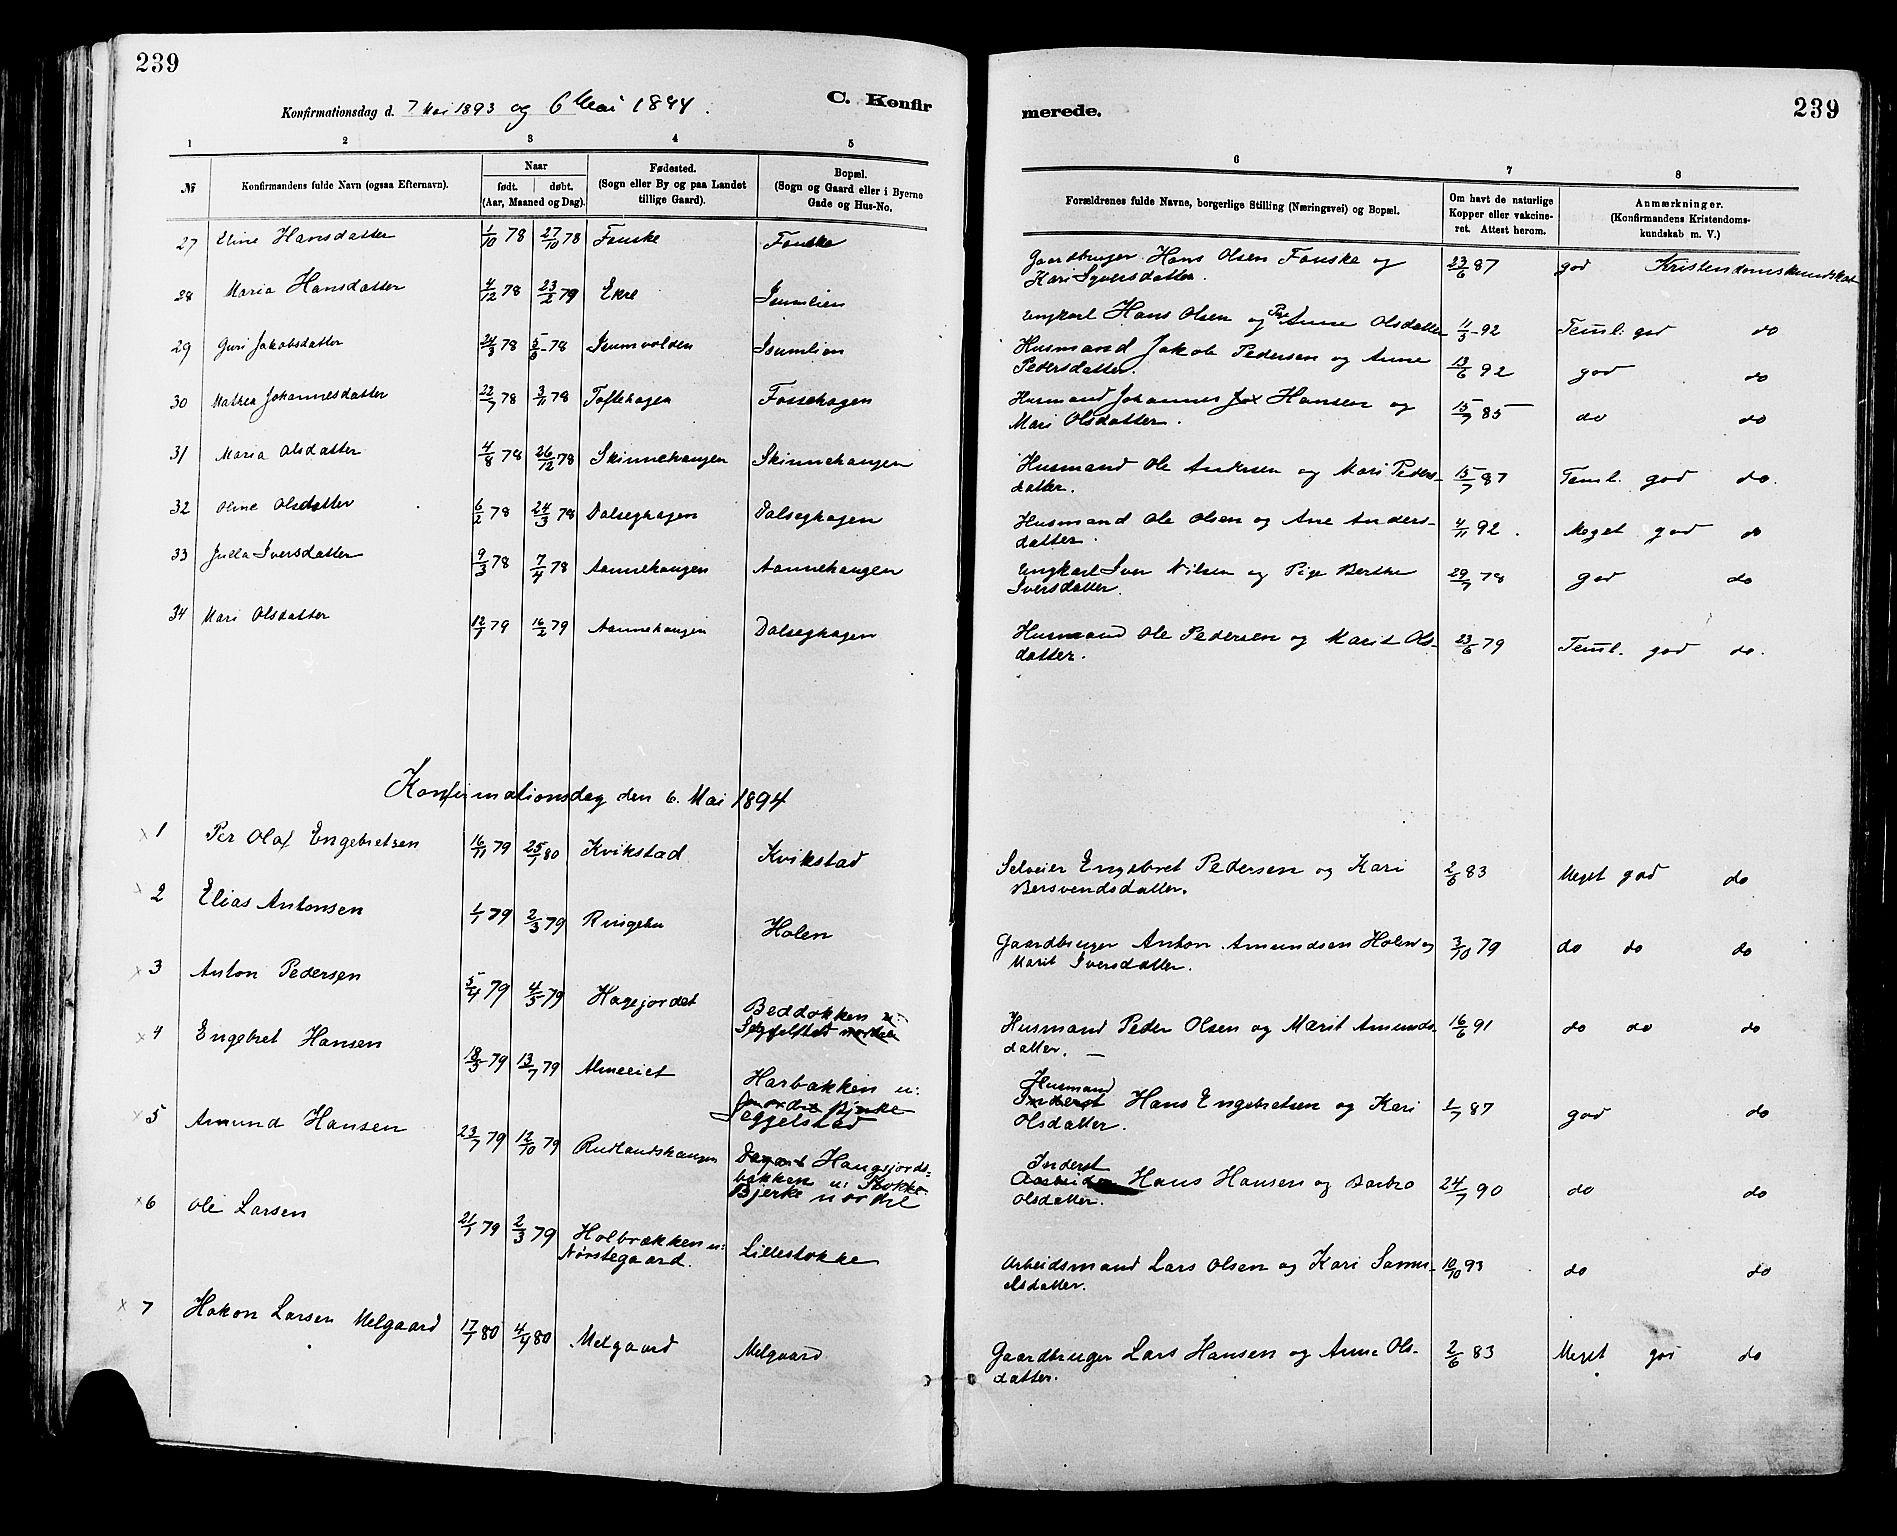 SAH, Sør-Fron prestekontor, H/Ha/Haa/L0003: Ministerialbok nr. 3, 1881-1897, s. 239